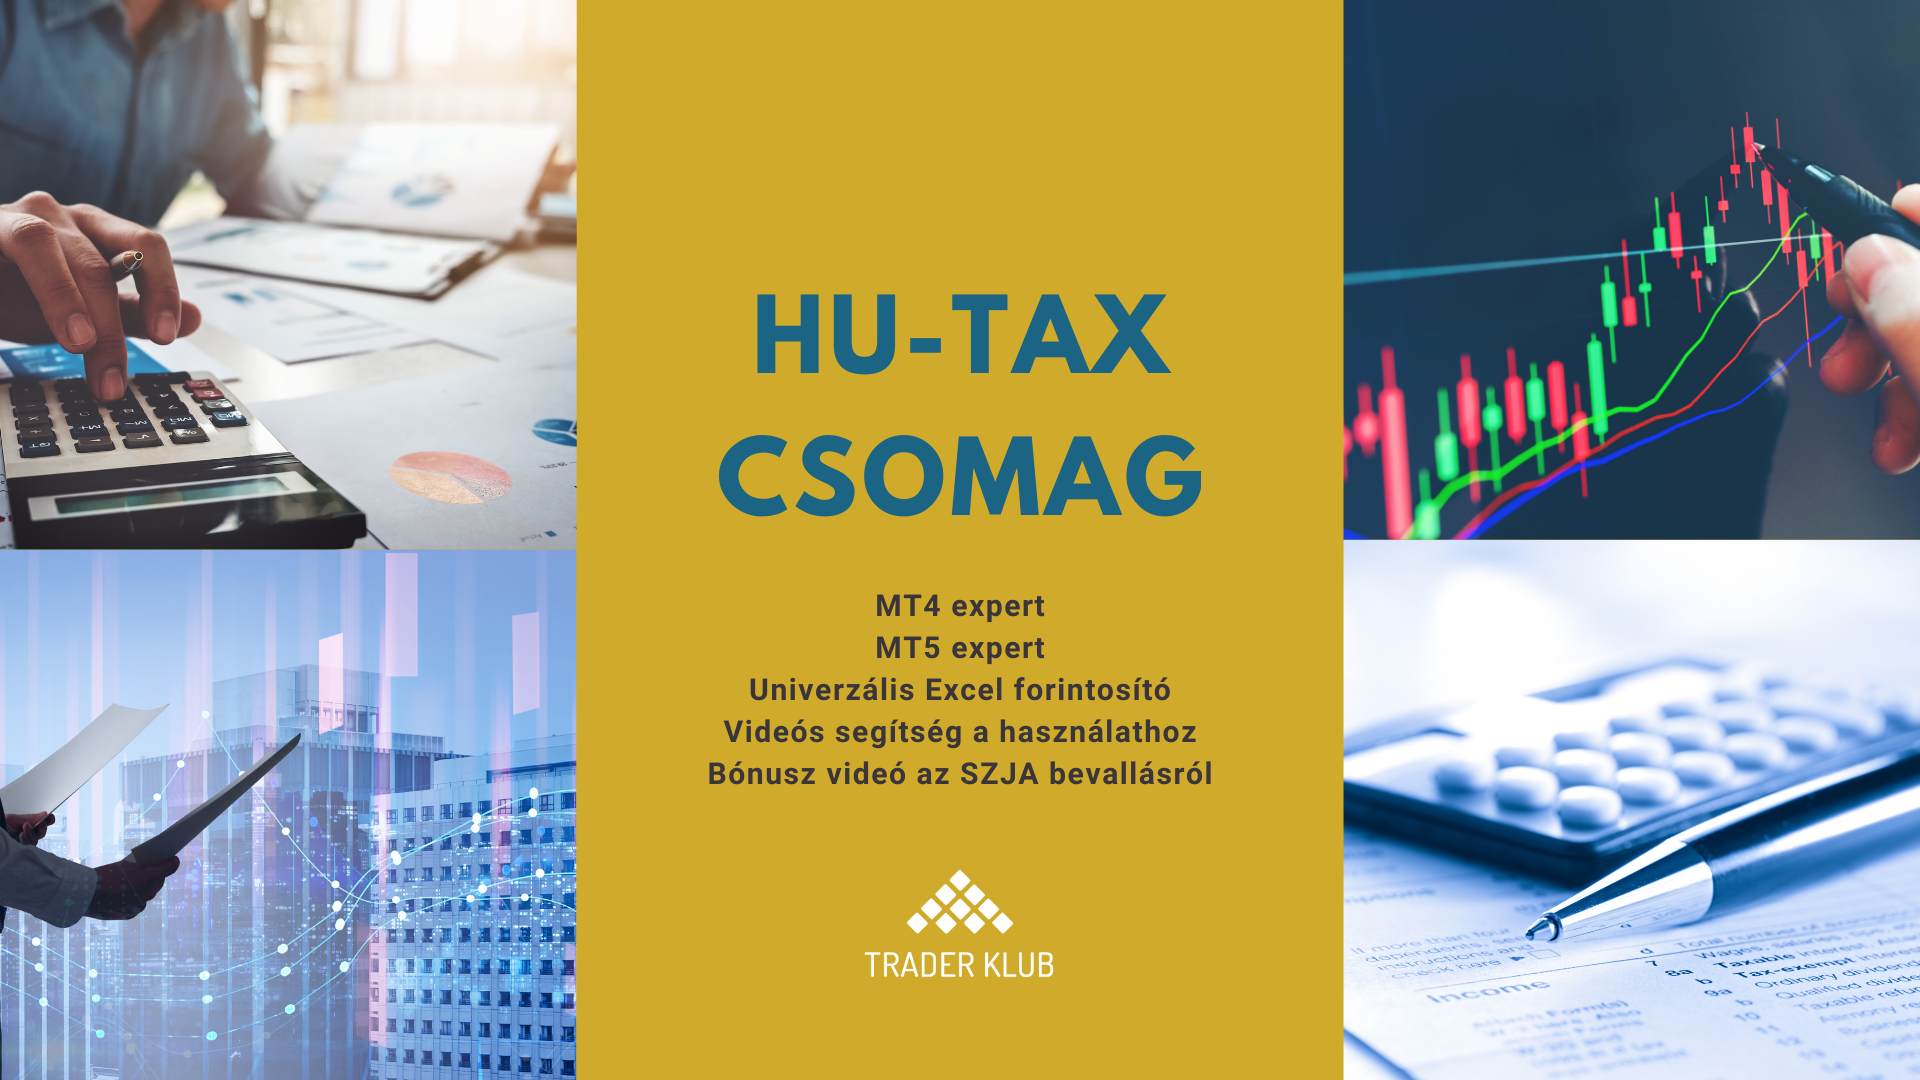 HU-TAX csomag